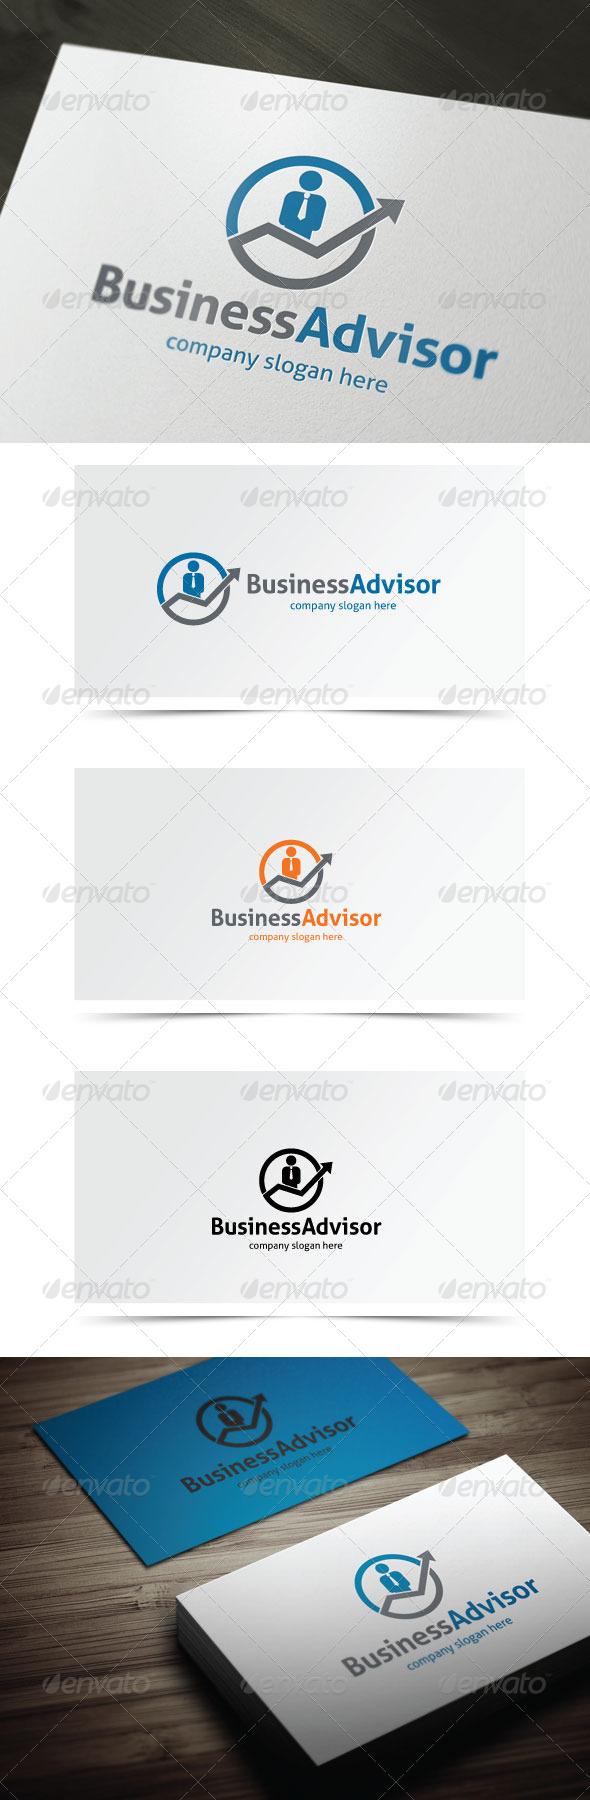 GraphicRiver Business Advisor 6202165